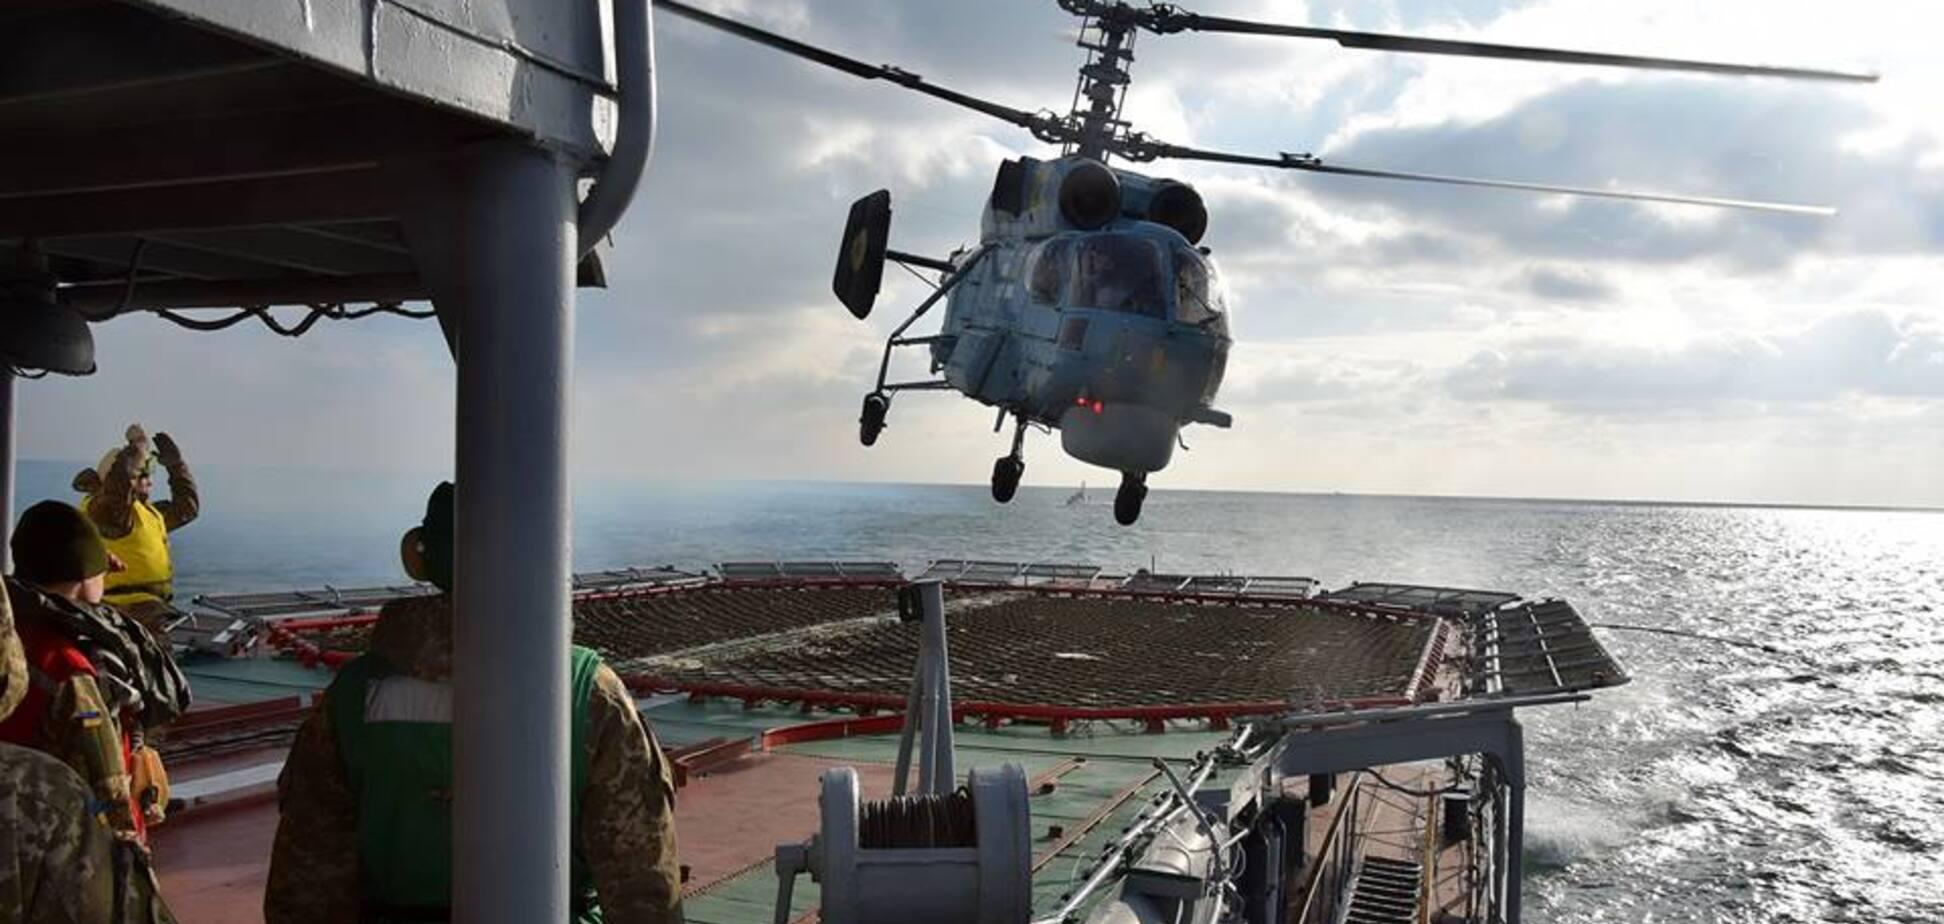 'Як в Криму': українців попередили про початок вторгнення РФ в Азовське море